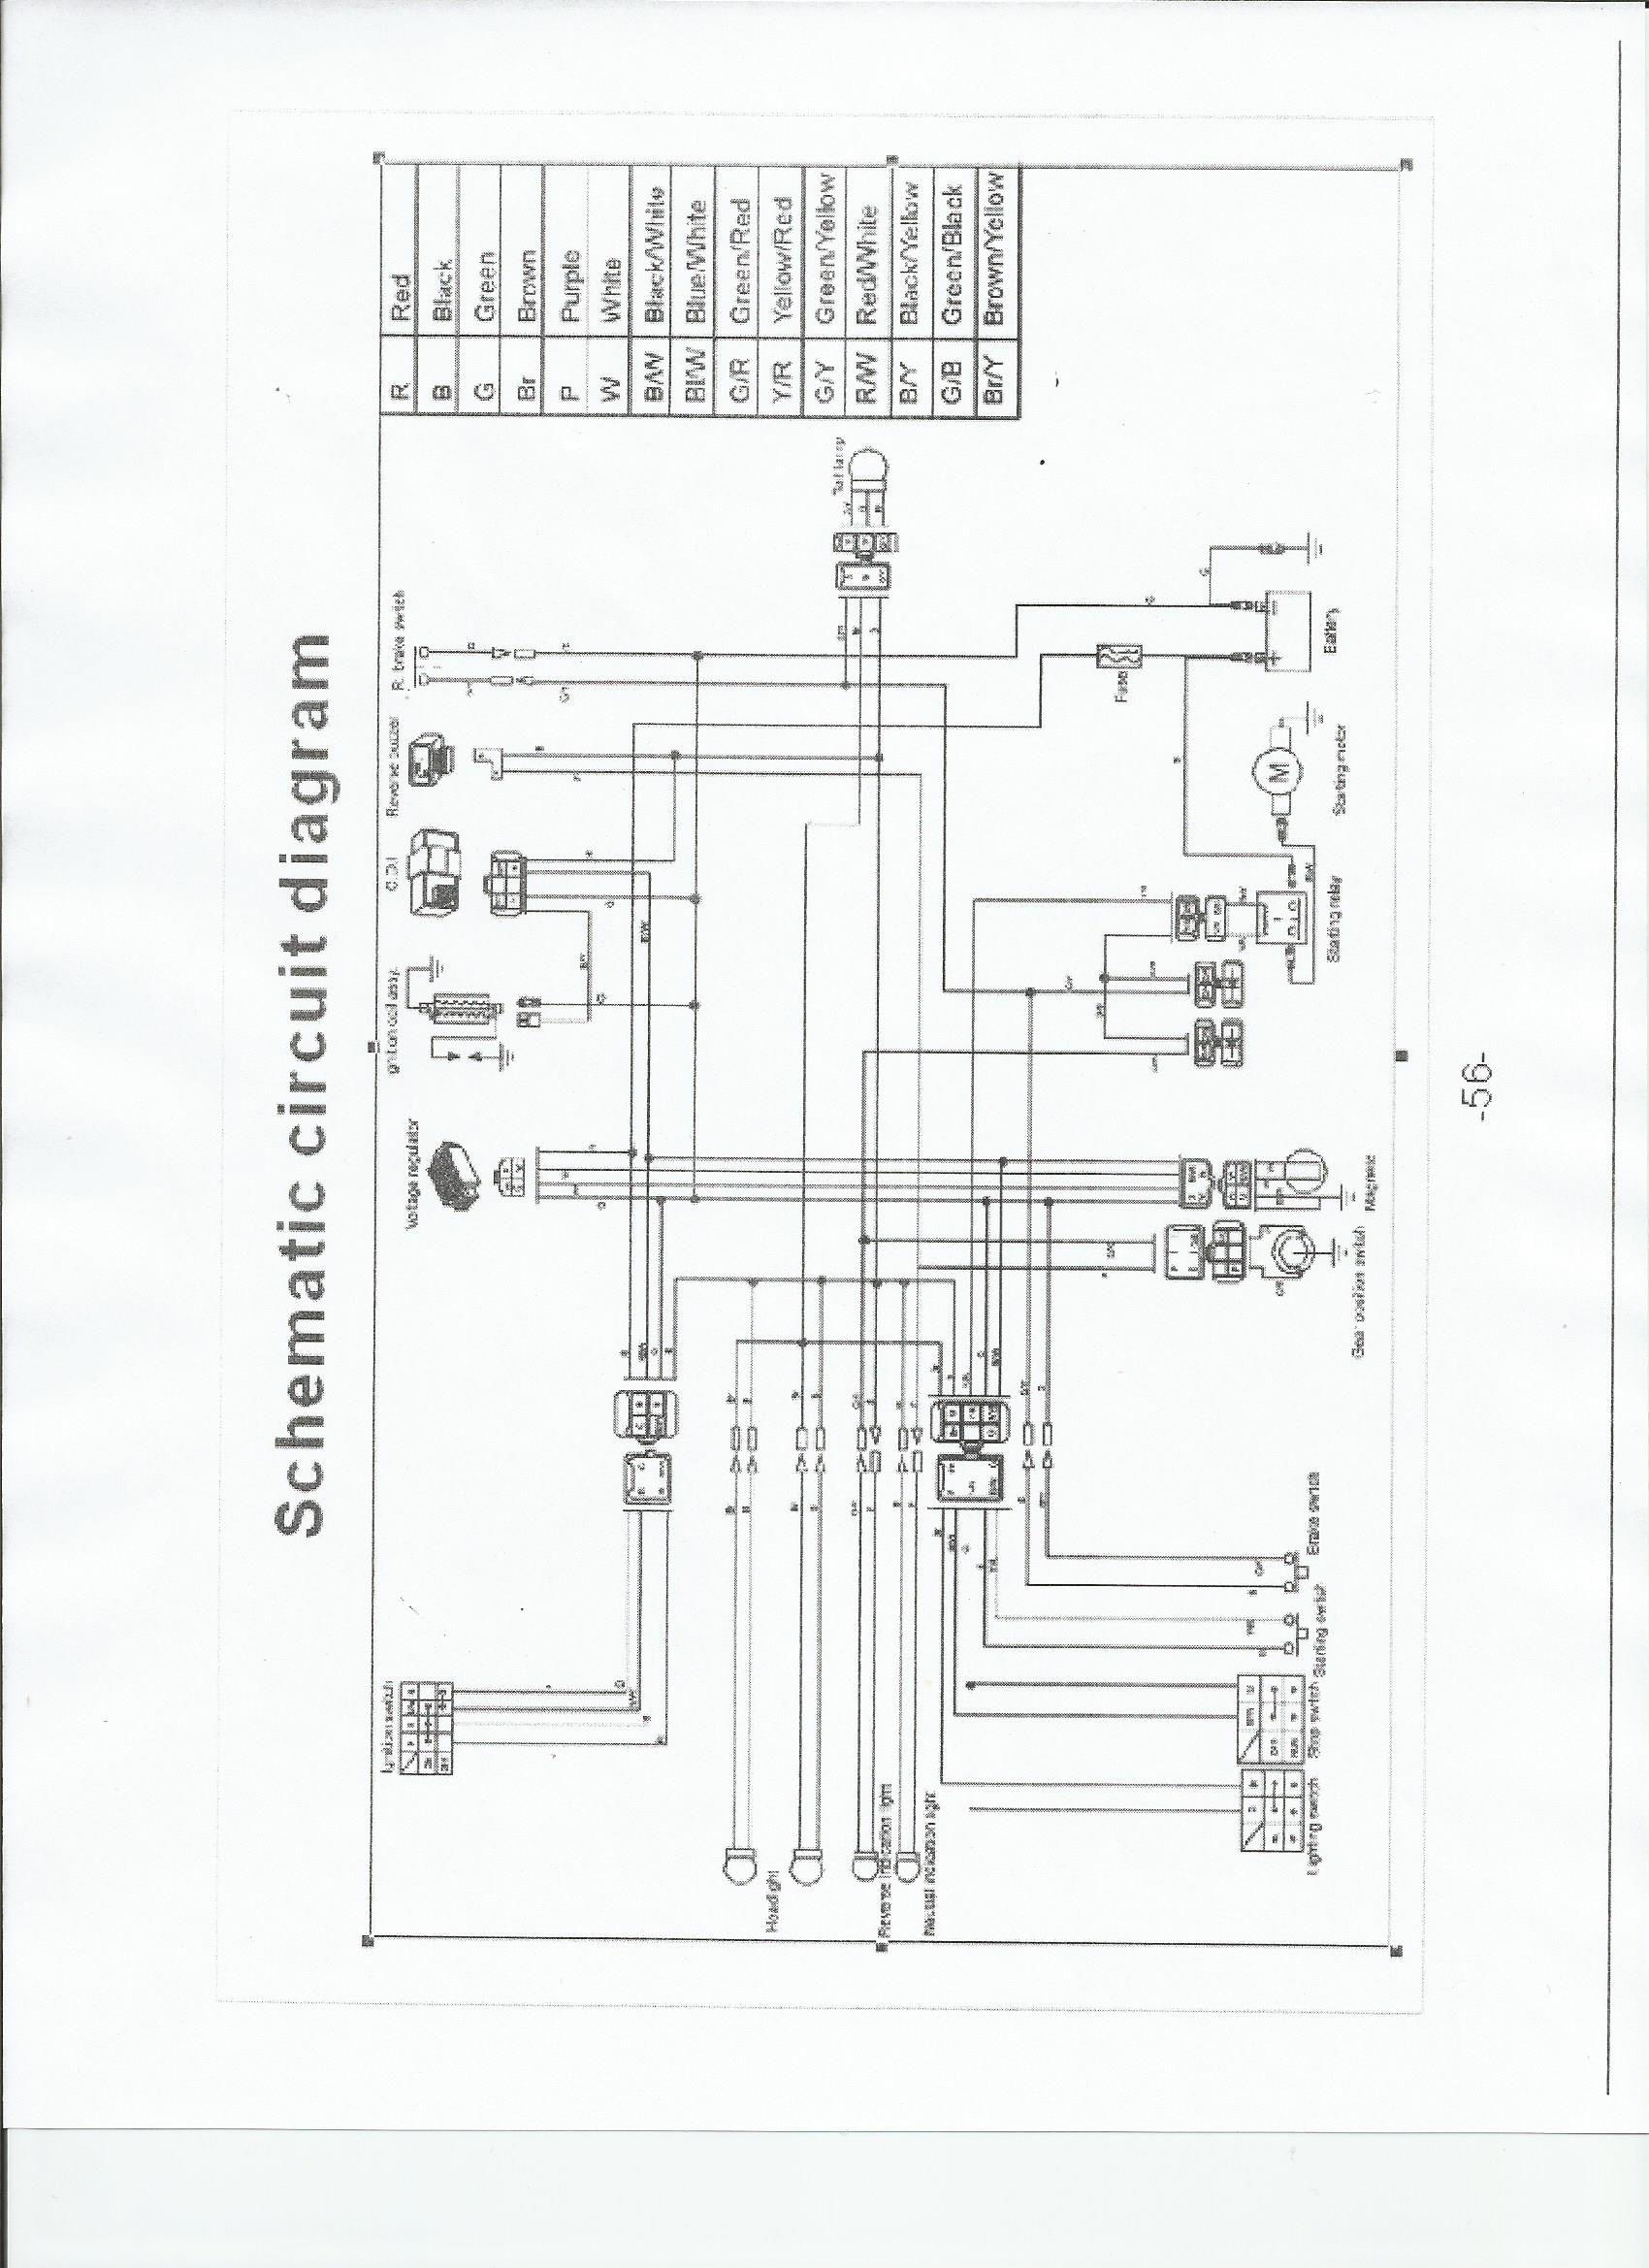 Schema electrique quadlander 250